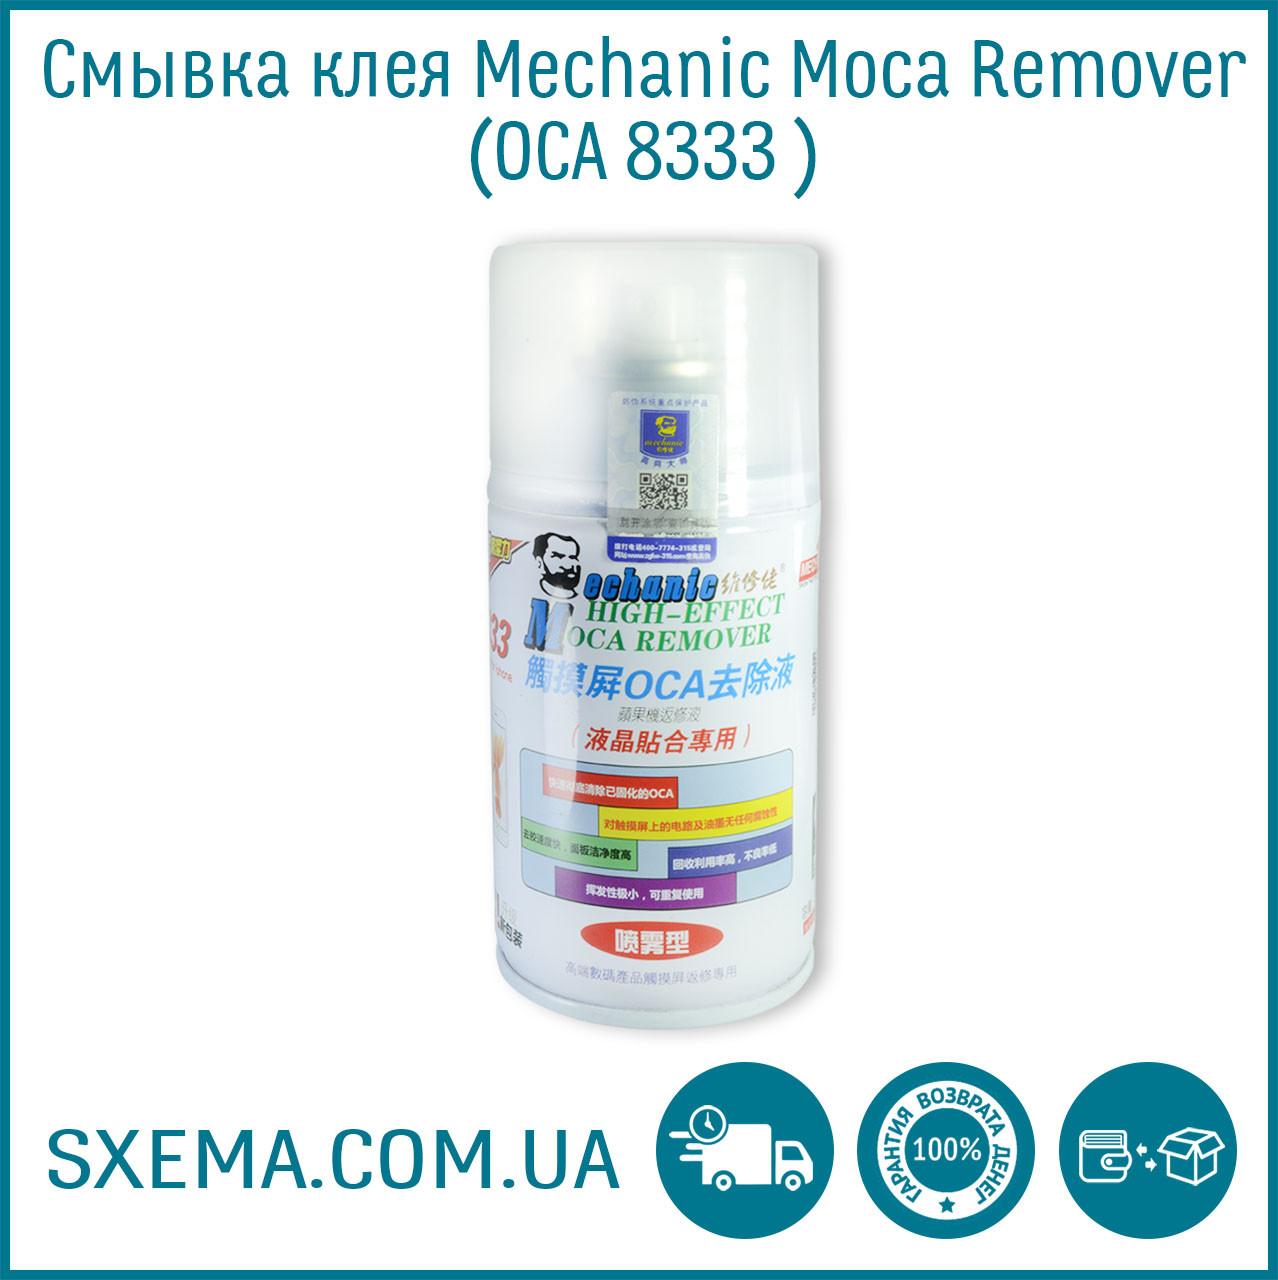 Смывка клея OCA 8333 Mechanic Moca Remover